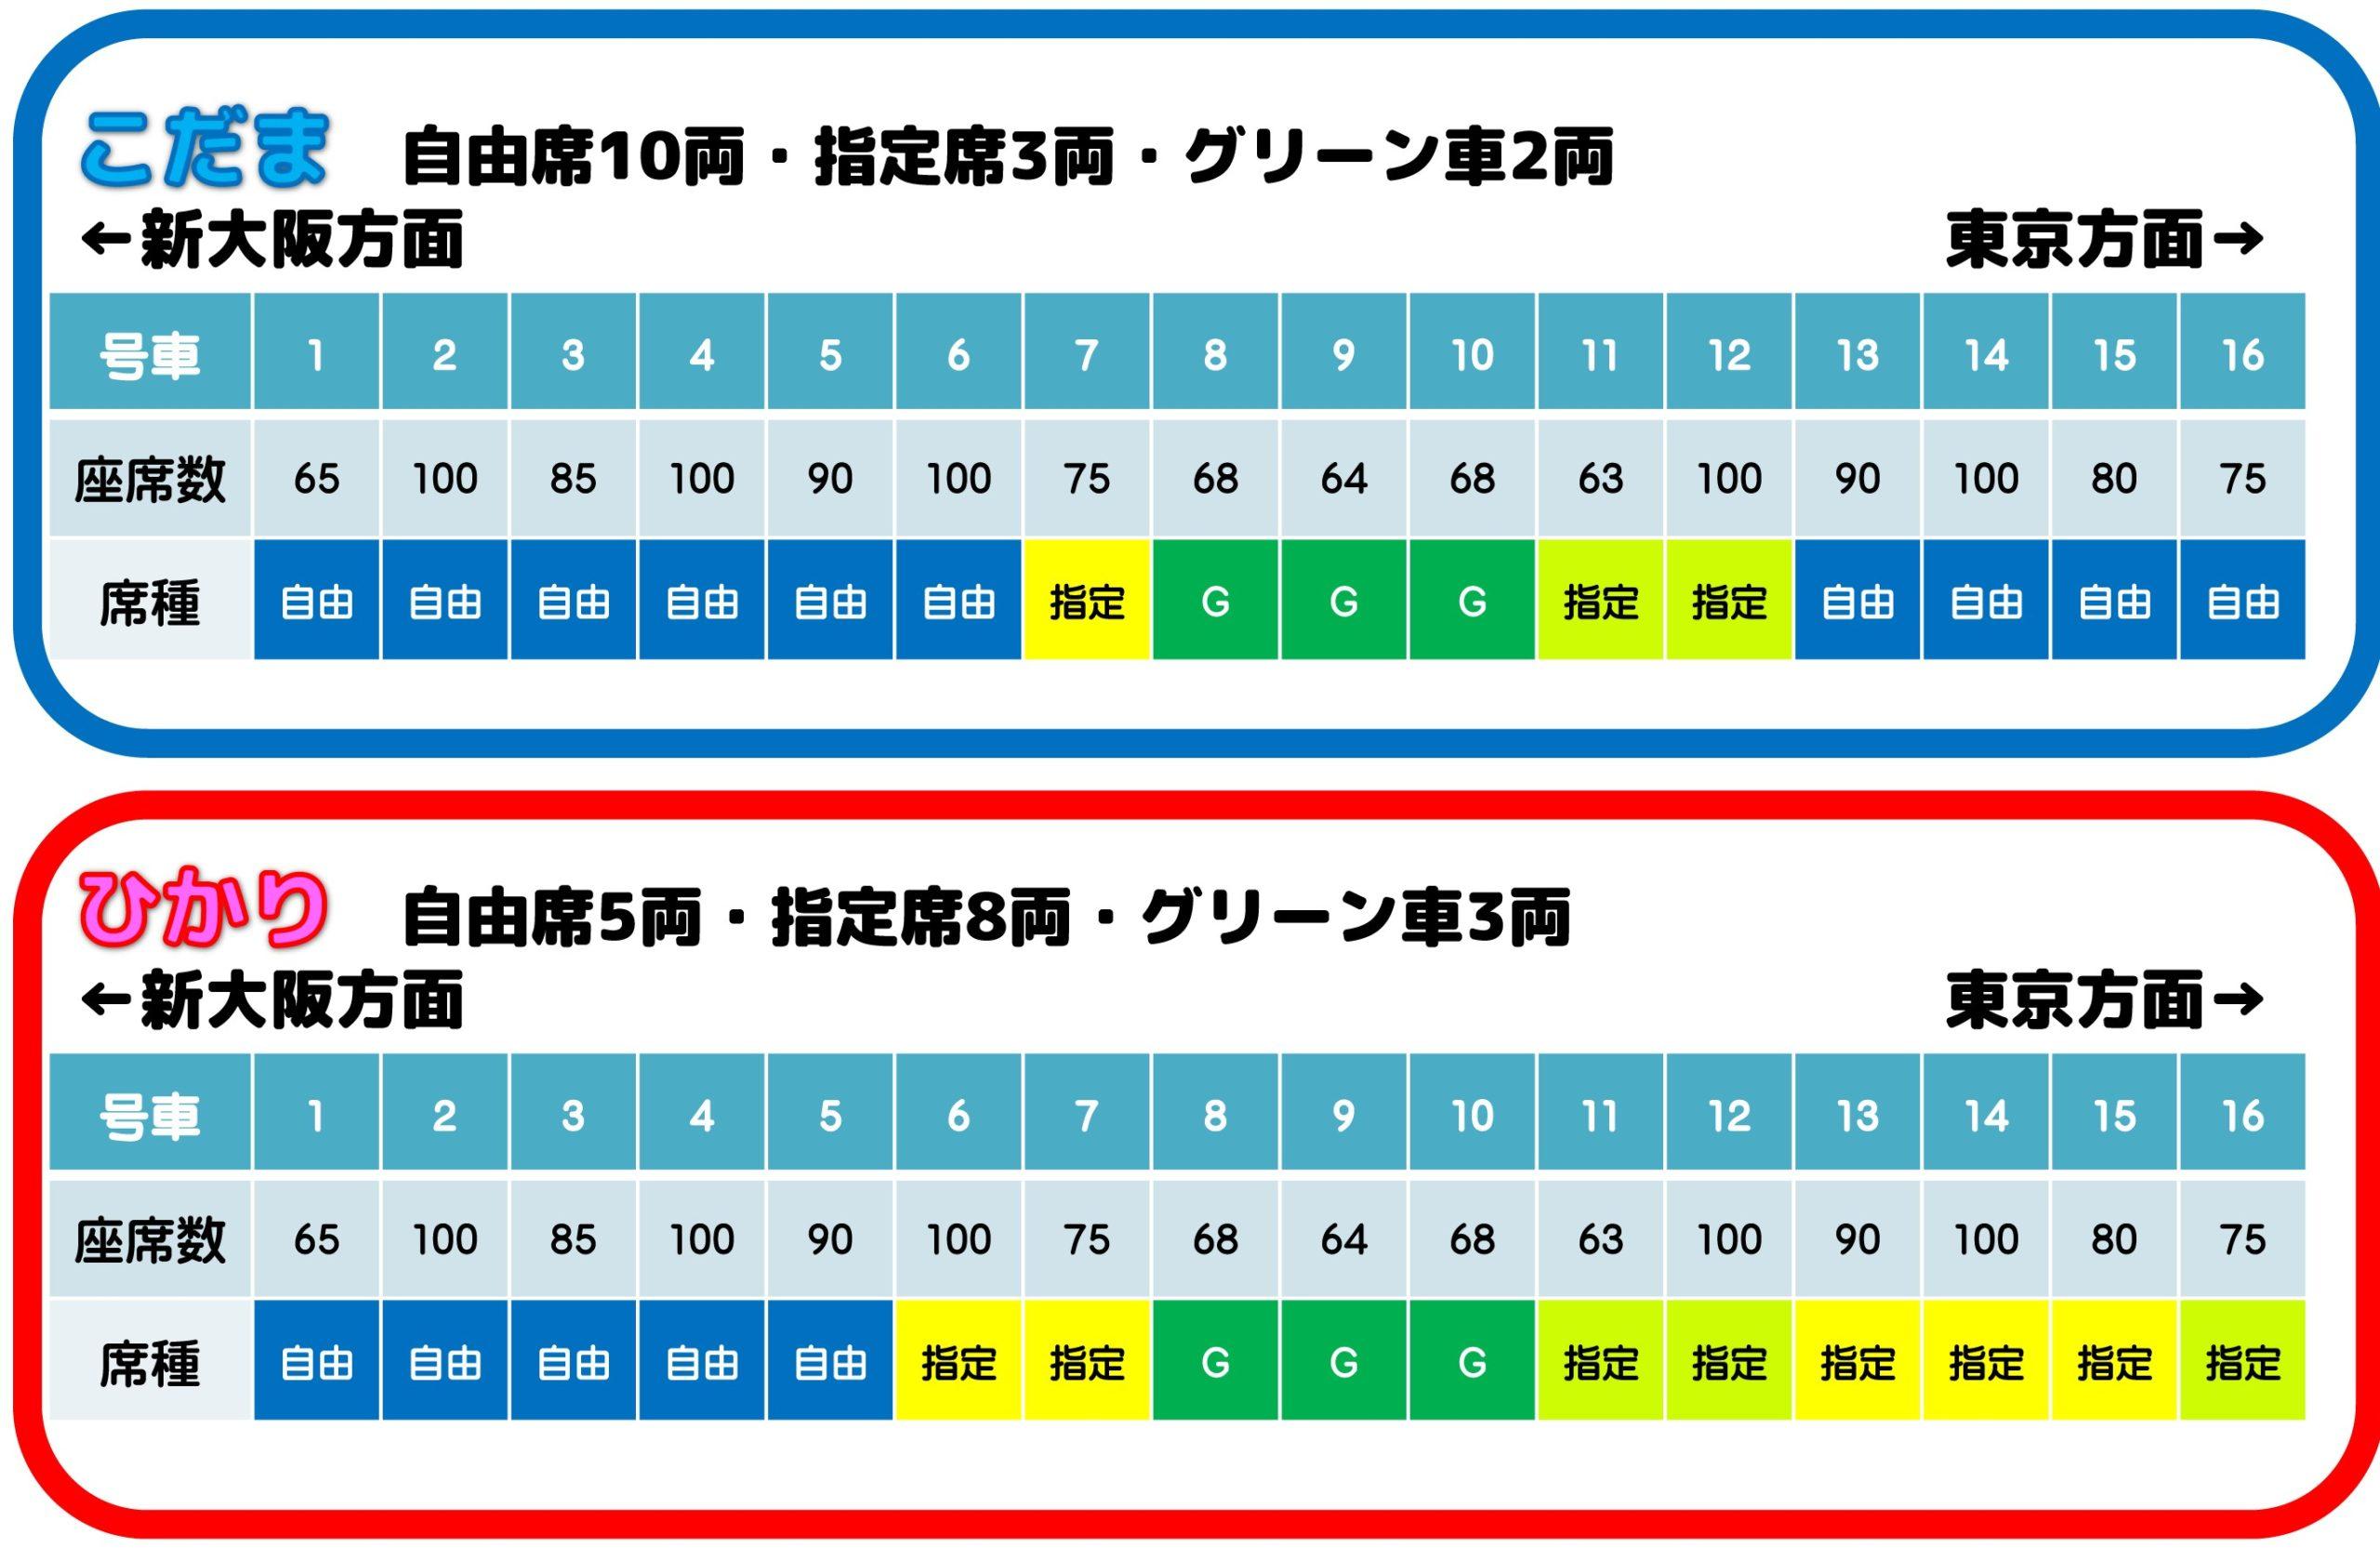 豊橋金券ショップフリーチケット |新幹線空いている車両